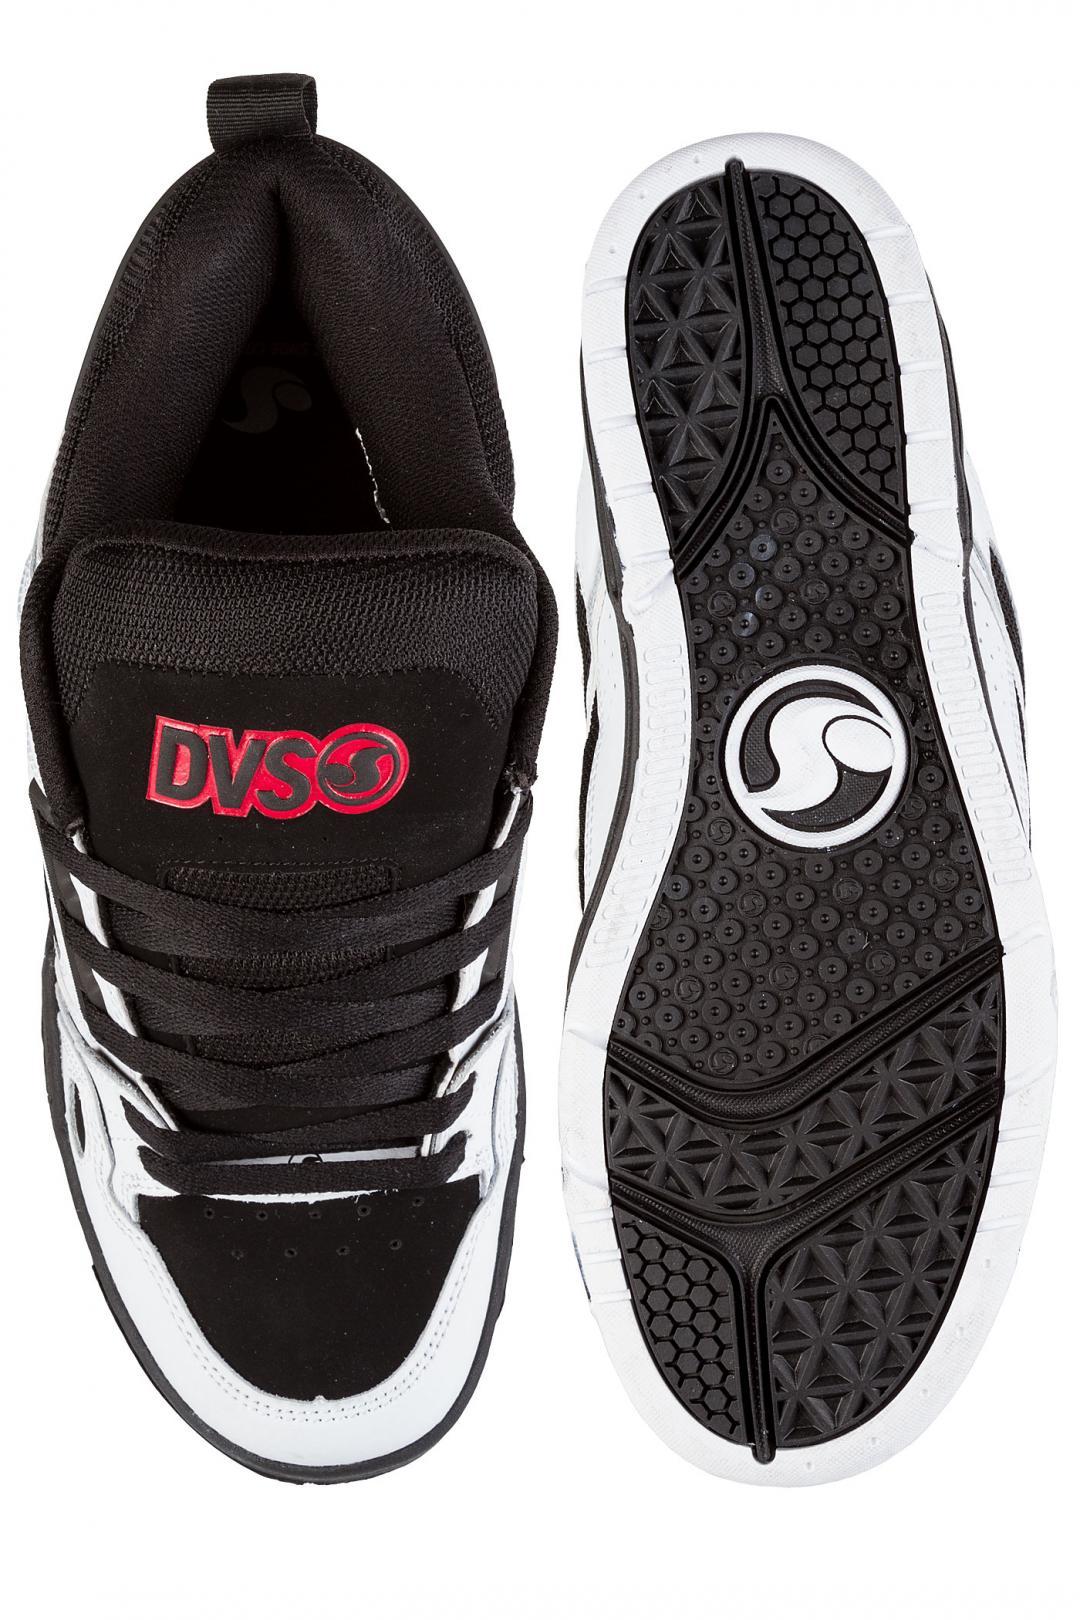 Uomo DVS Comanche Leather black white red   Scarpe da skate